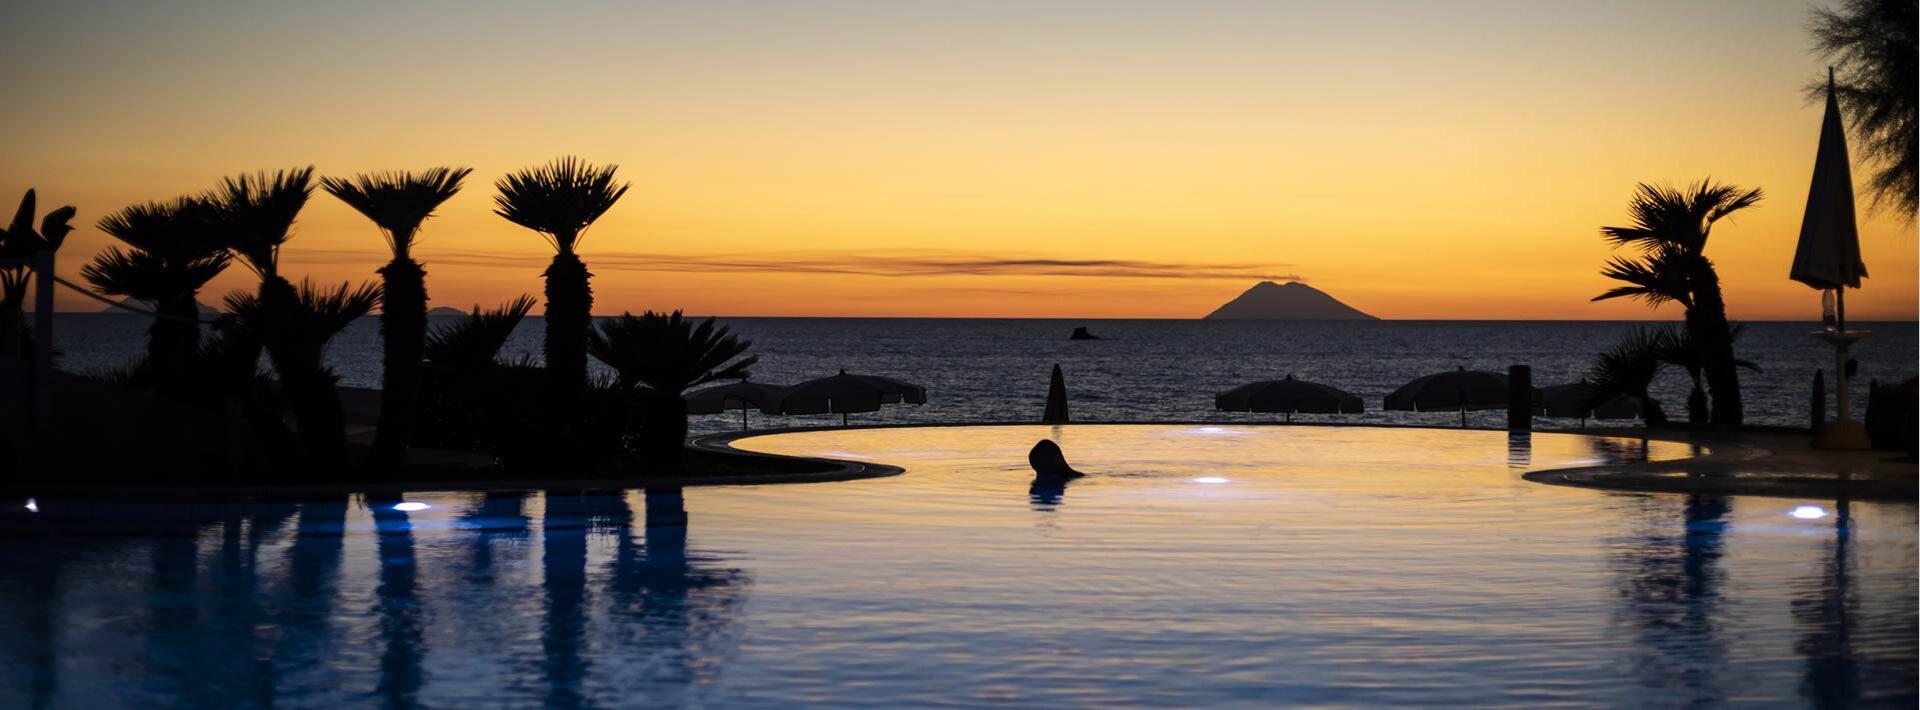 villaggioilgabbiano en resort-with-pool-capo-vaticano 010